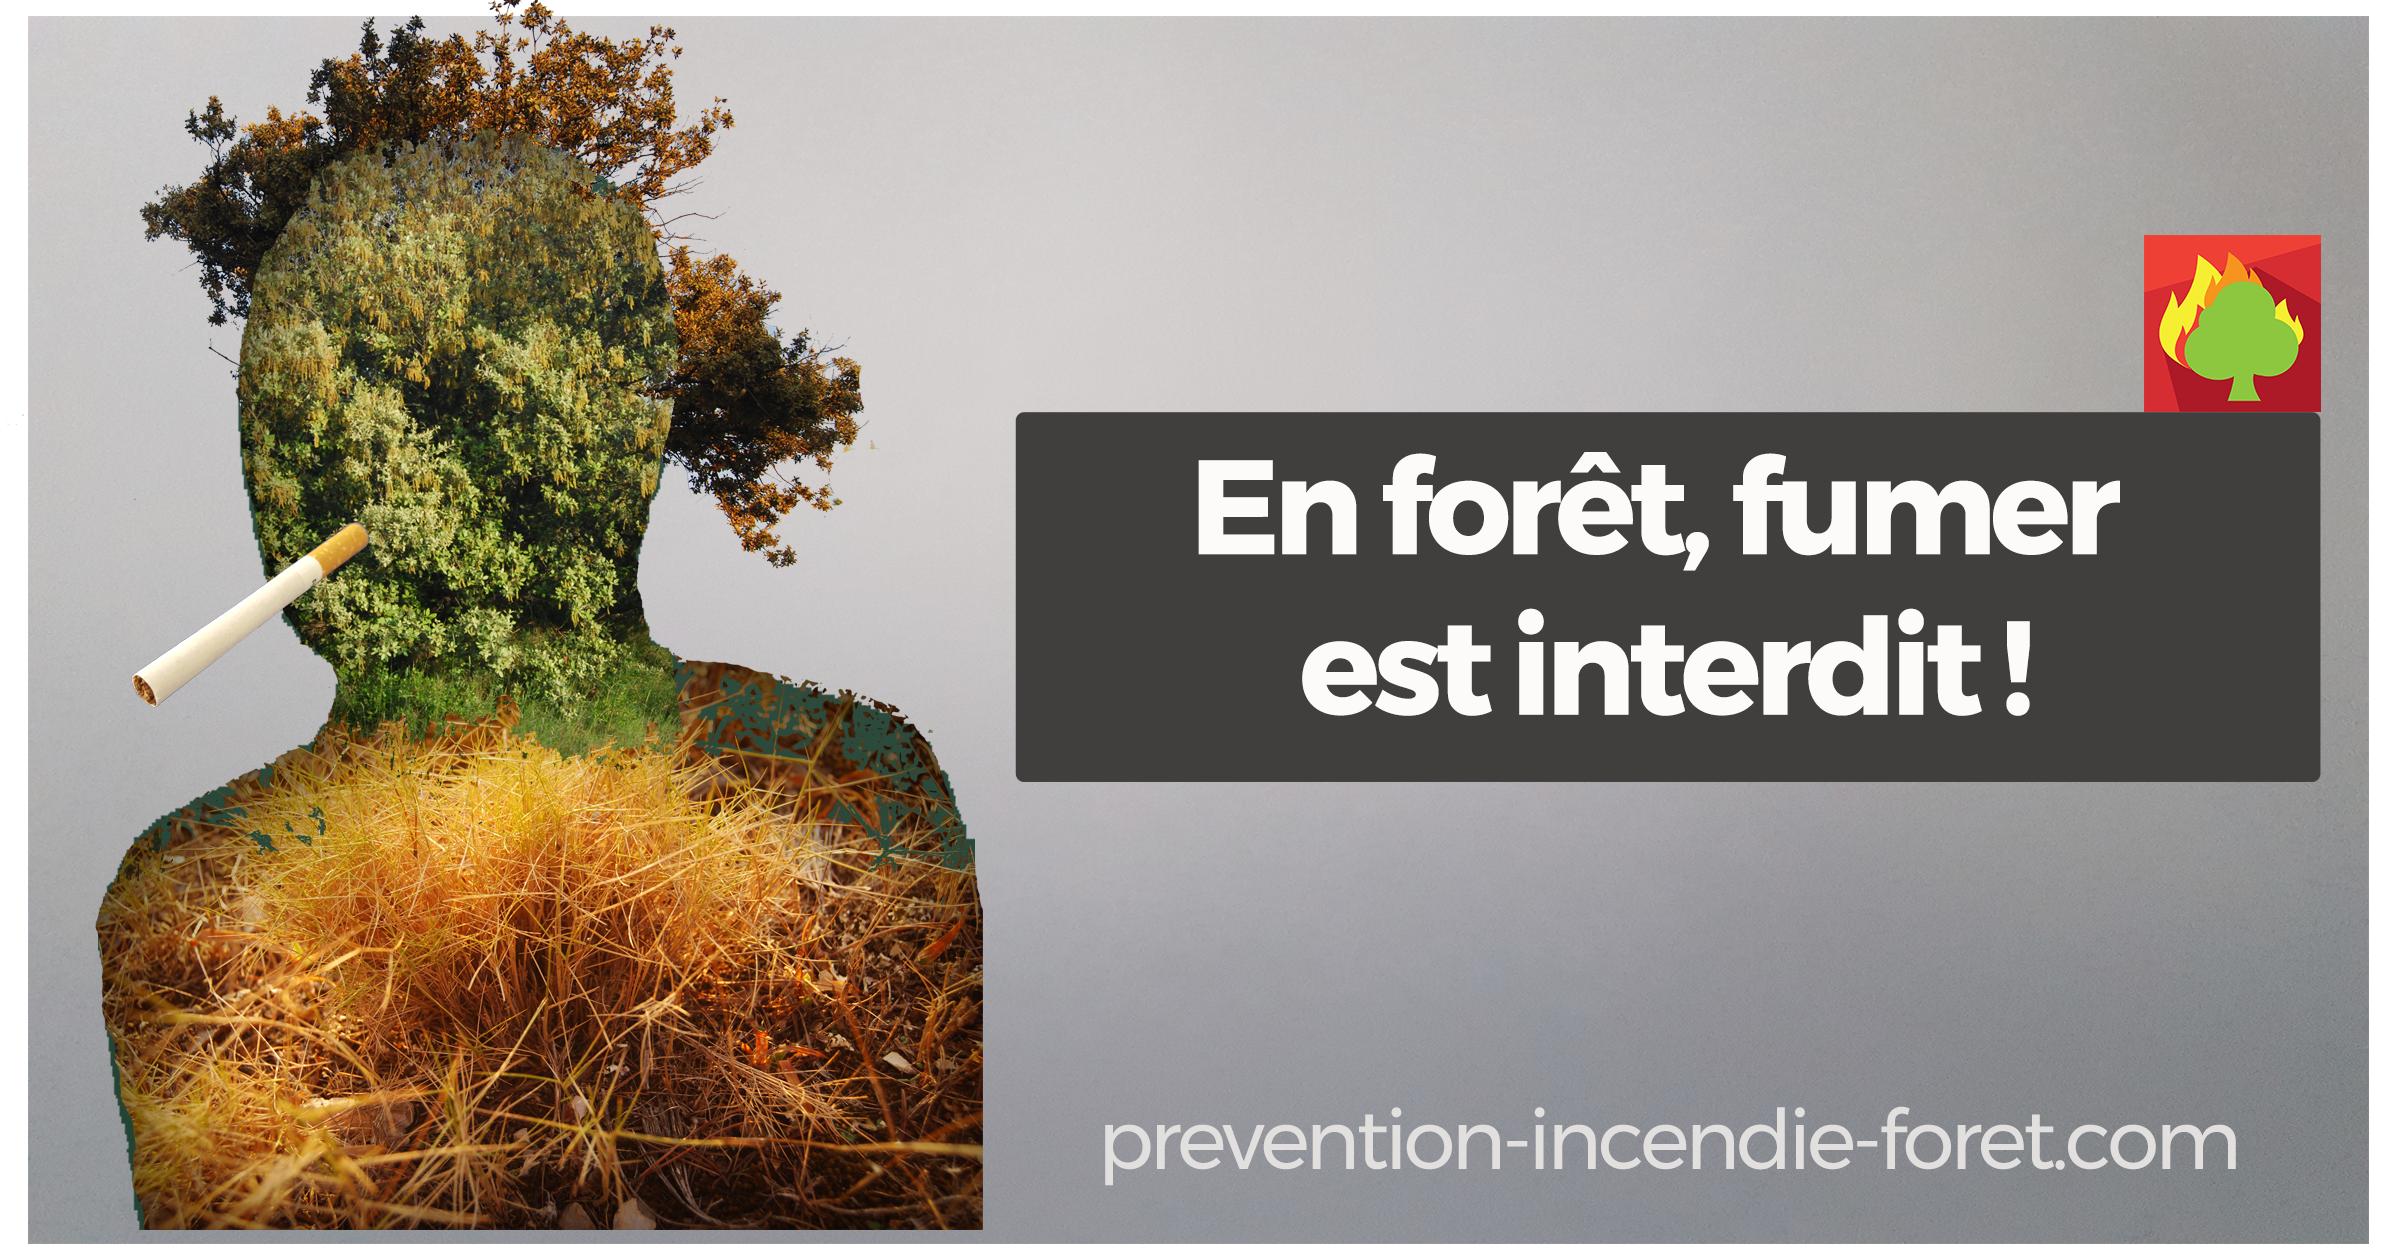 En forêt, fumer est interdit !